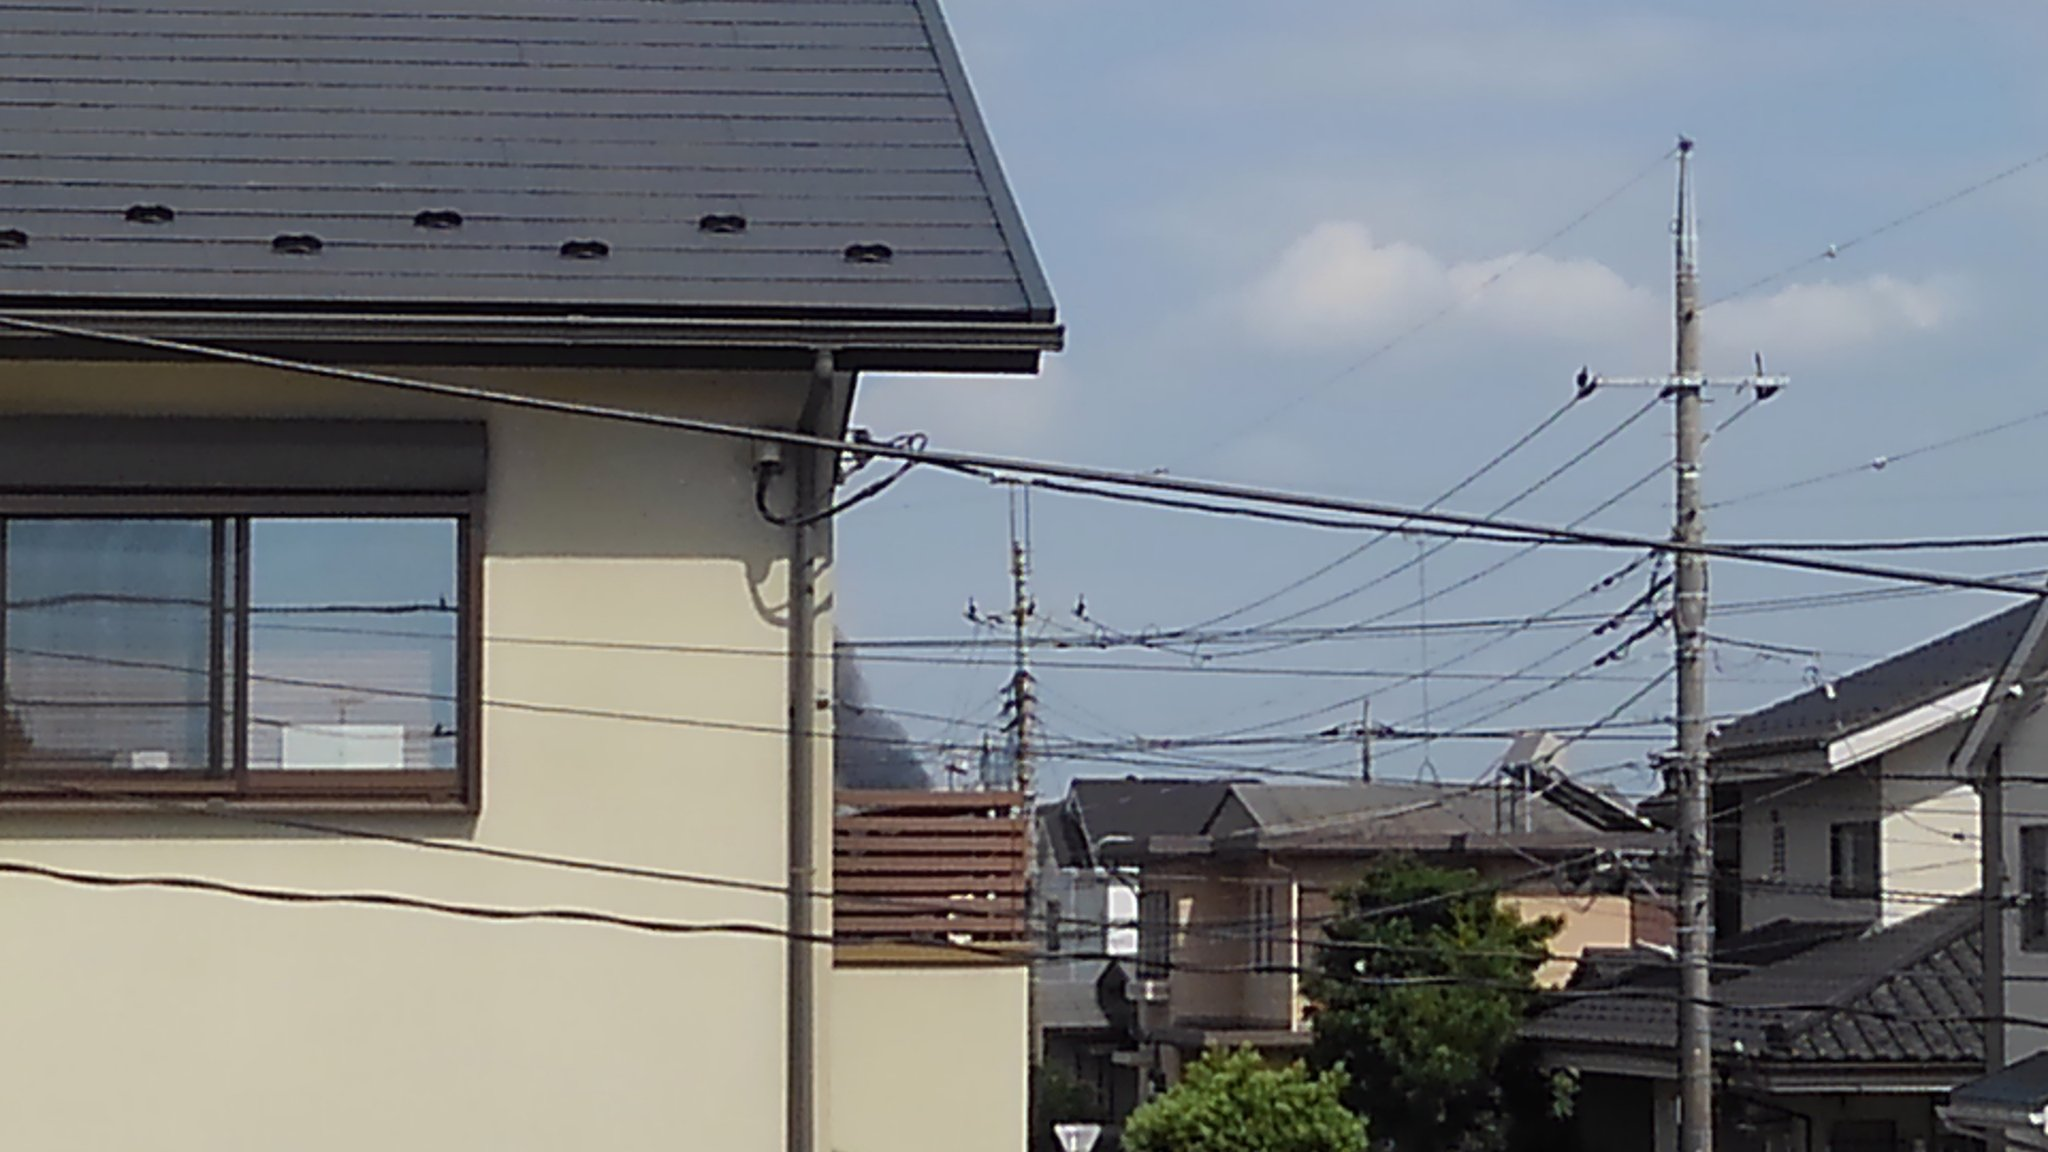 画像,埼玉県の中央小?当たりで煙出てる火事ですかねもう消防車とかが出動してる https://t.co/tjrJ6fmn69…